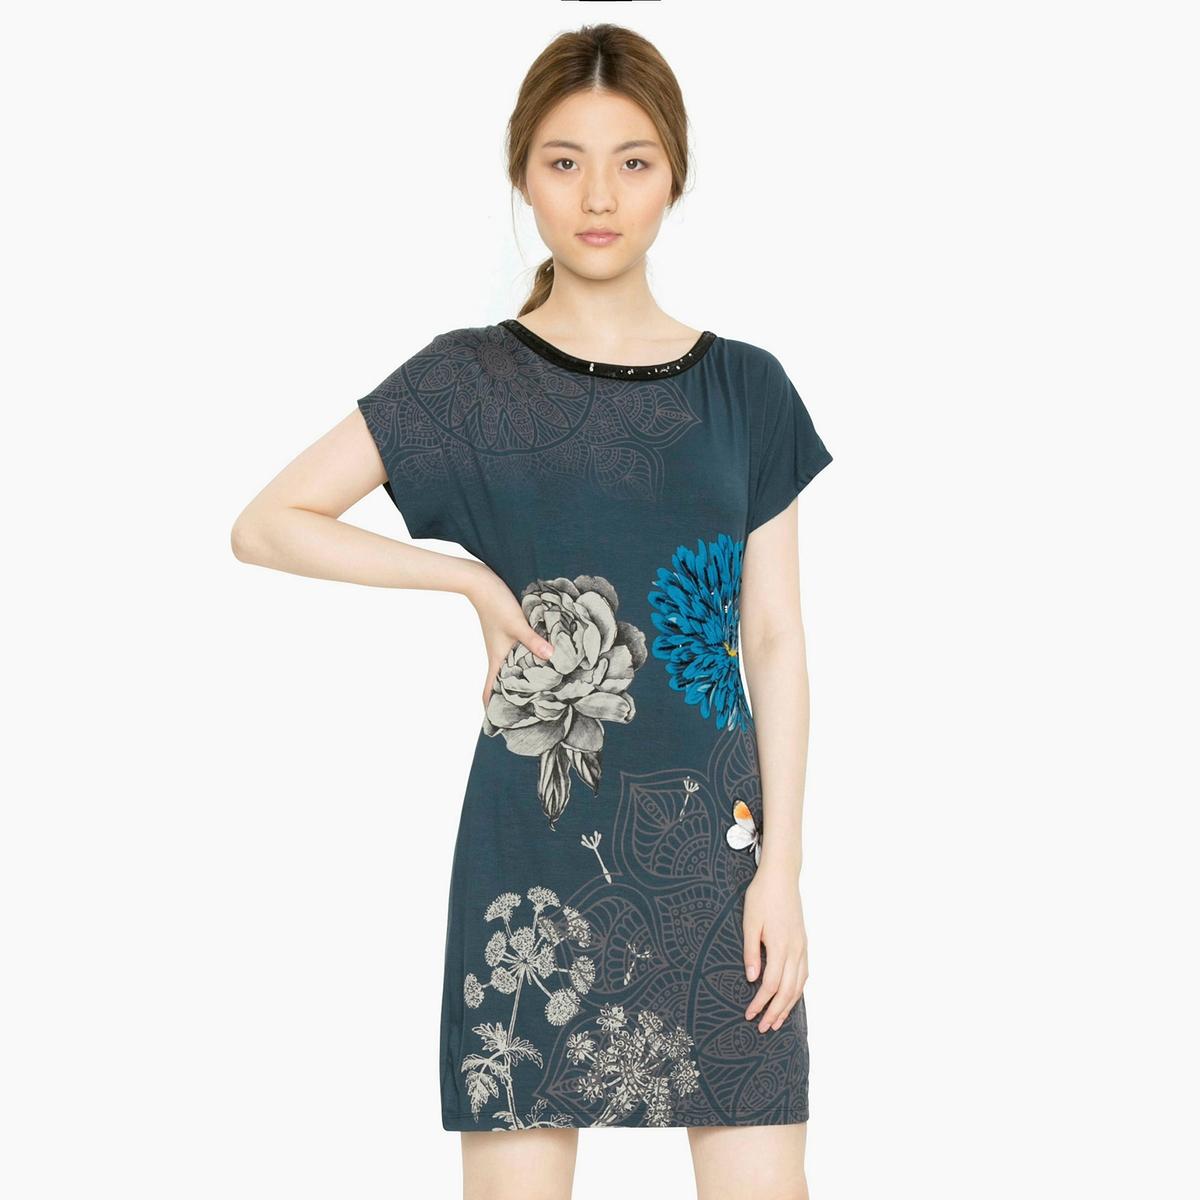 Платье короткое с короткими рукавамиДетали •  Форма : МИНИ •  короткое  •  Короткие рукава    •  Круглый вырез •  Цветочный рисунок Состав и уход •  95% вискозы, 5% эластана •  Следуйте советам по уходу, указанным на этикетке<br><br>Цвет: синий/сталь<br>Размер: M.L.XL.S